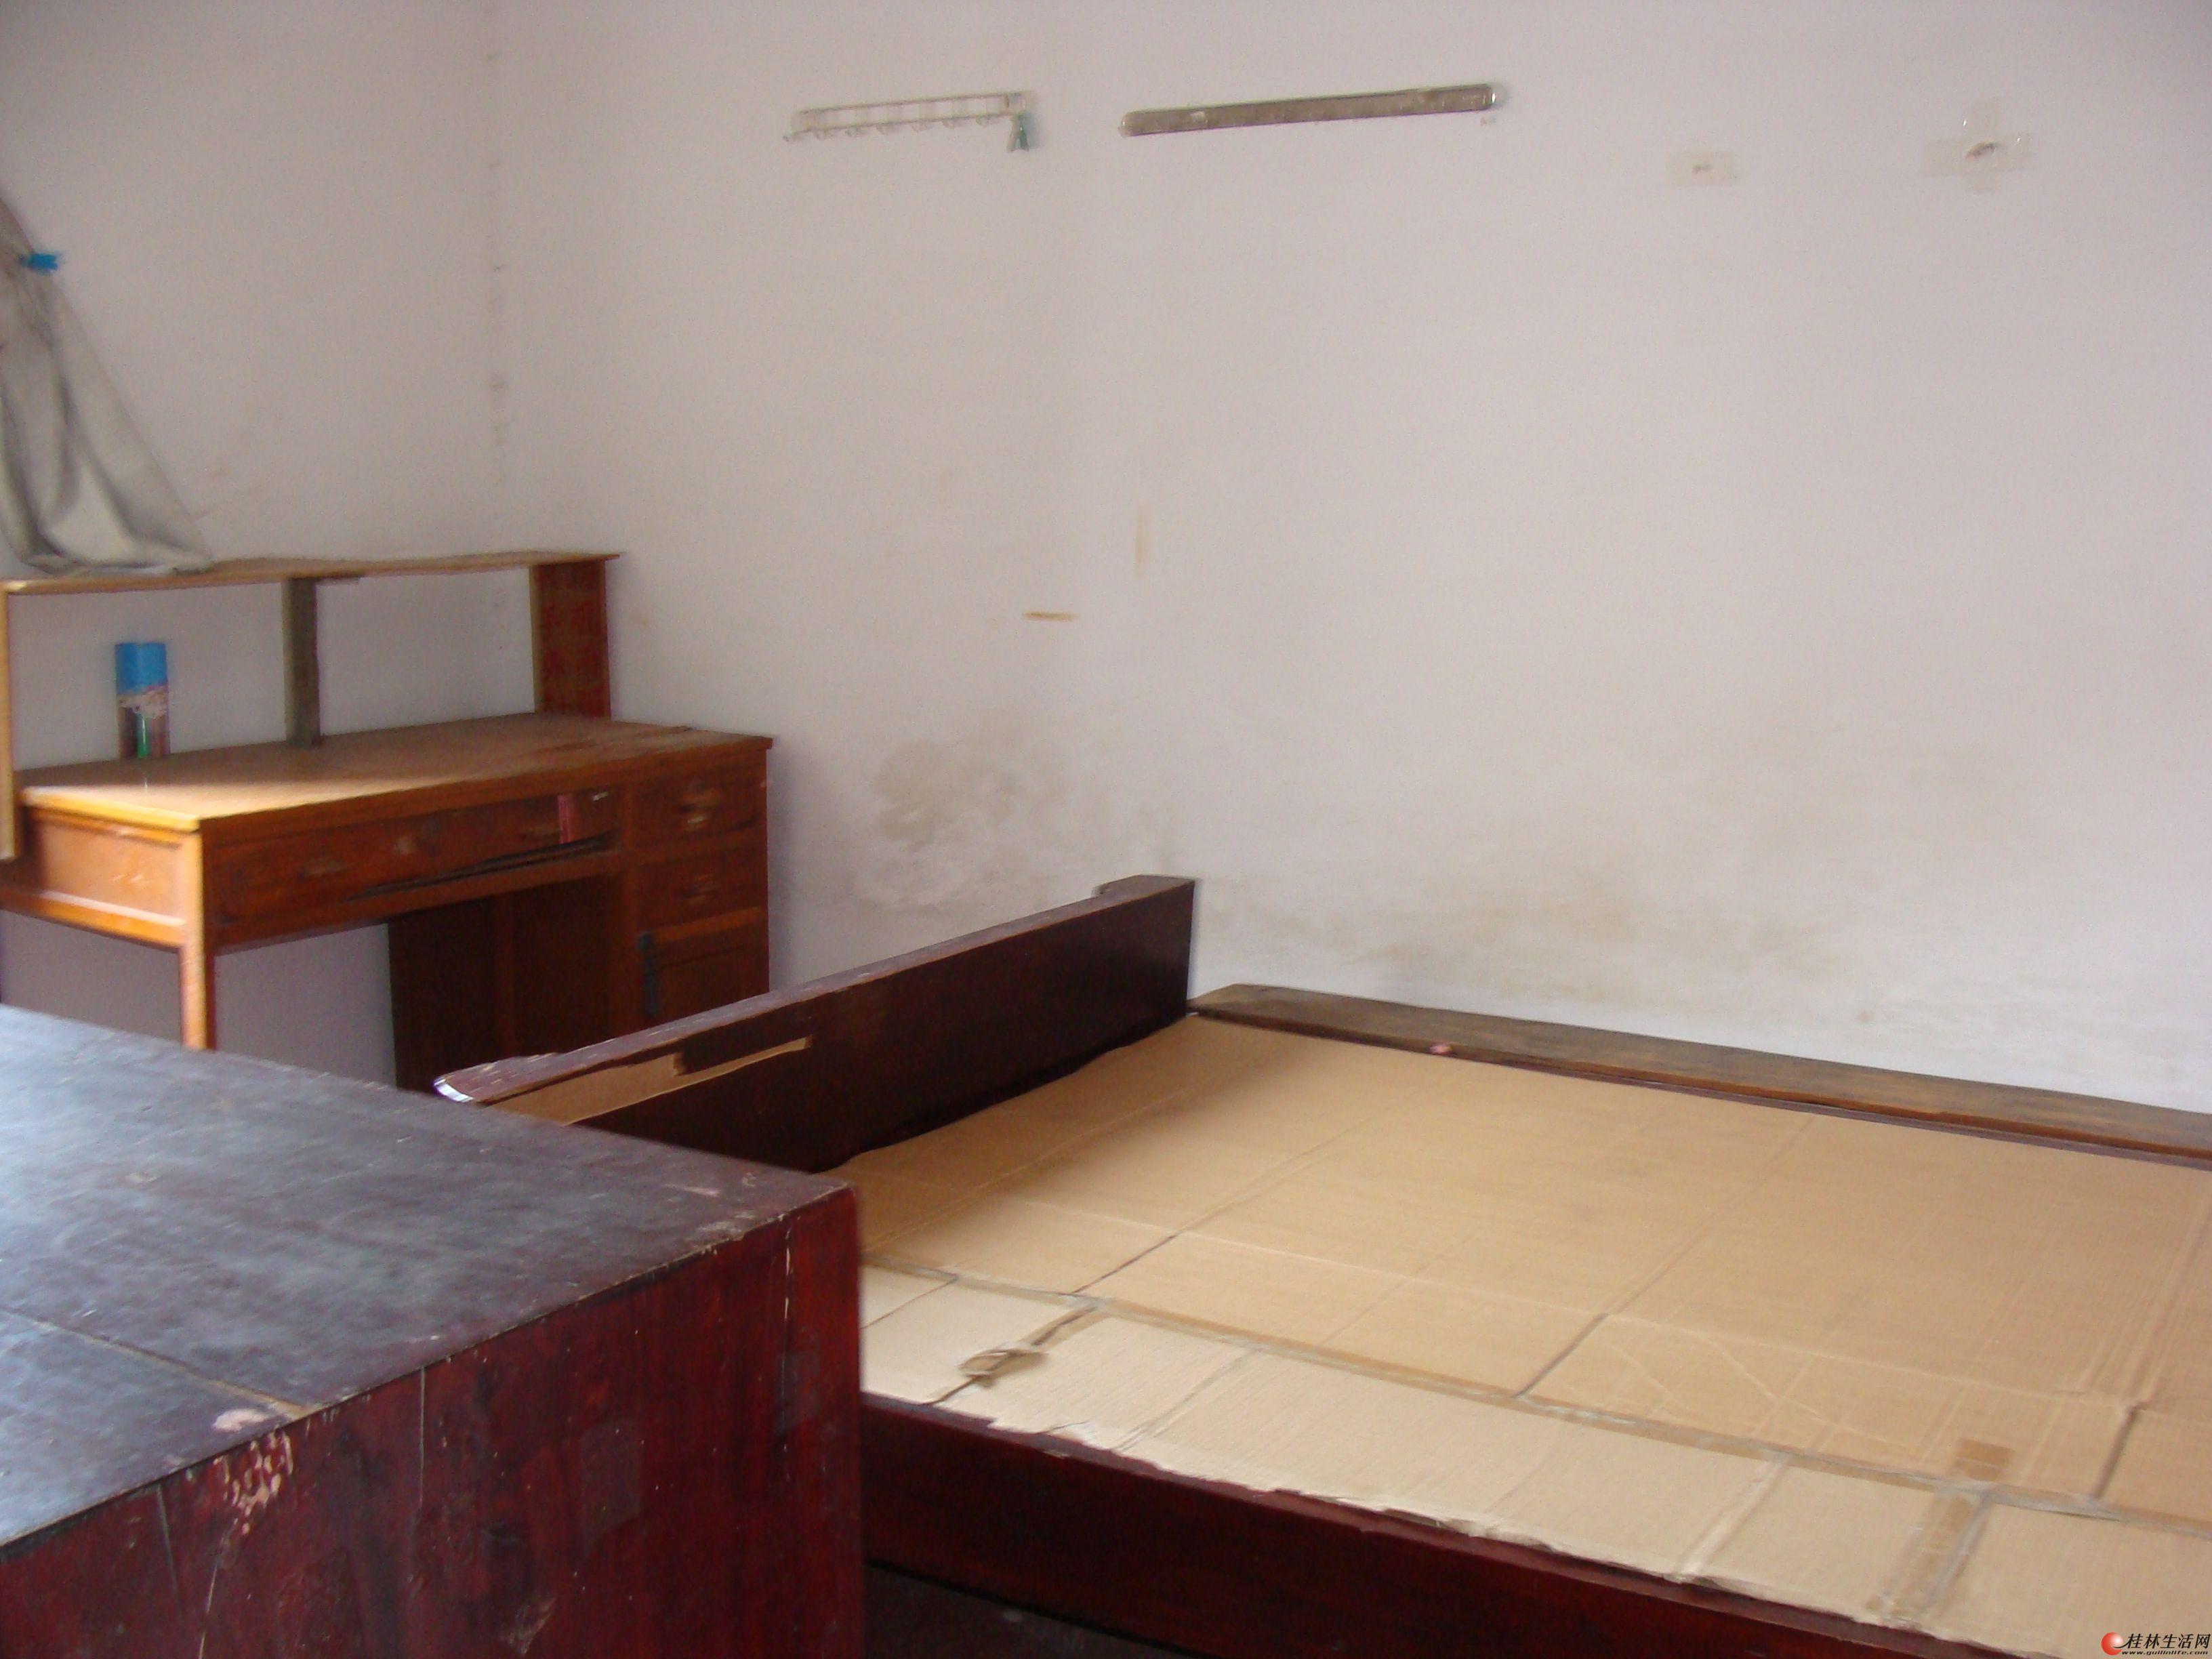 西门菜市旁1房1厅通风采光干净整洁配、床、衣柜